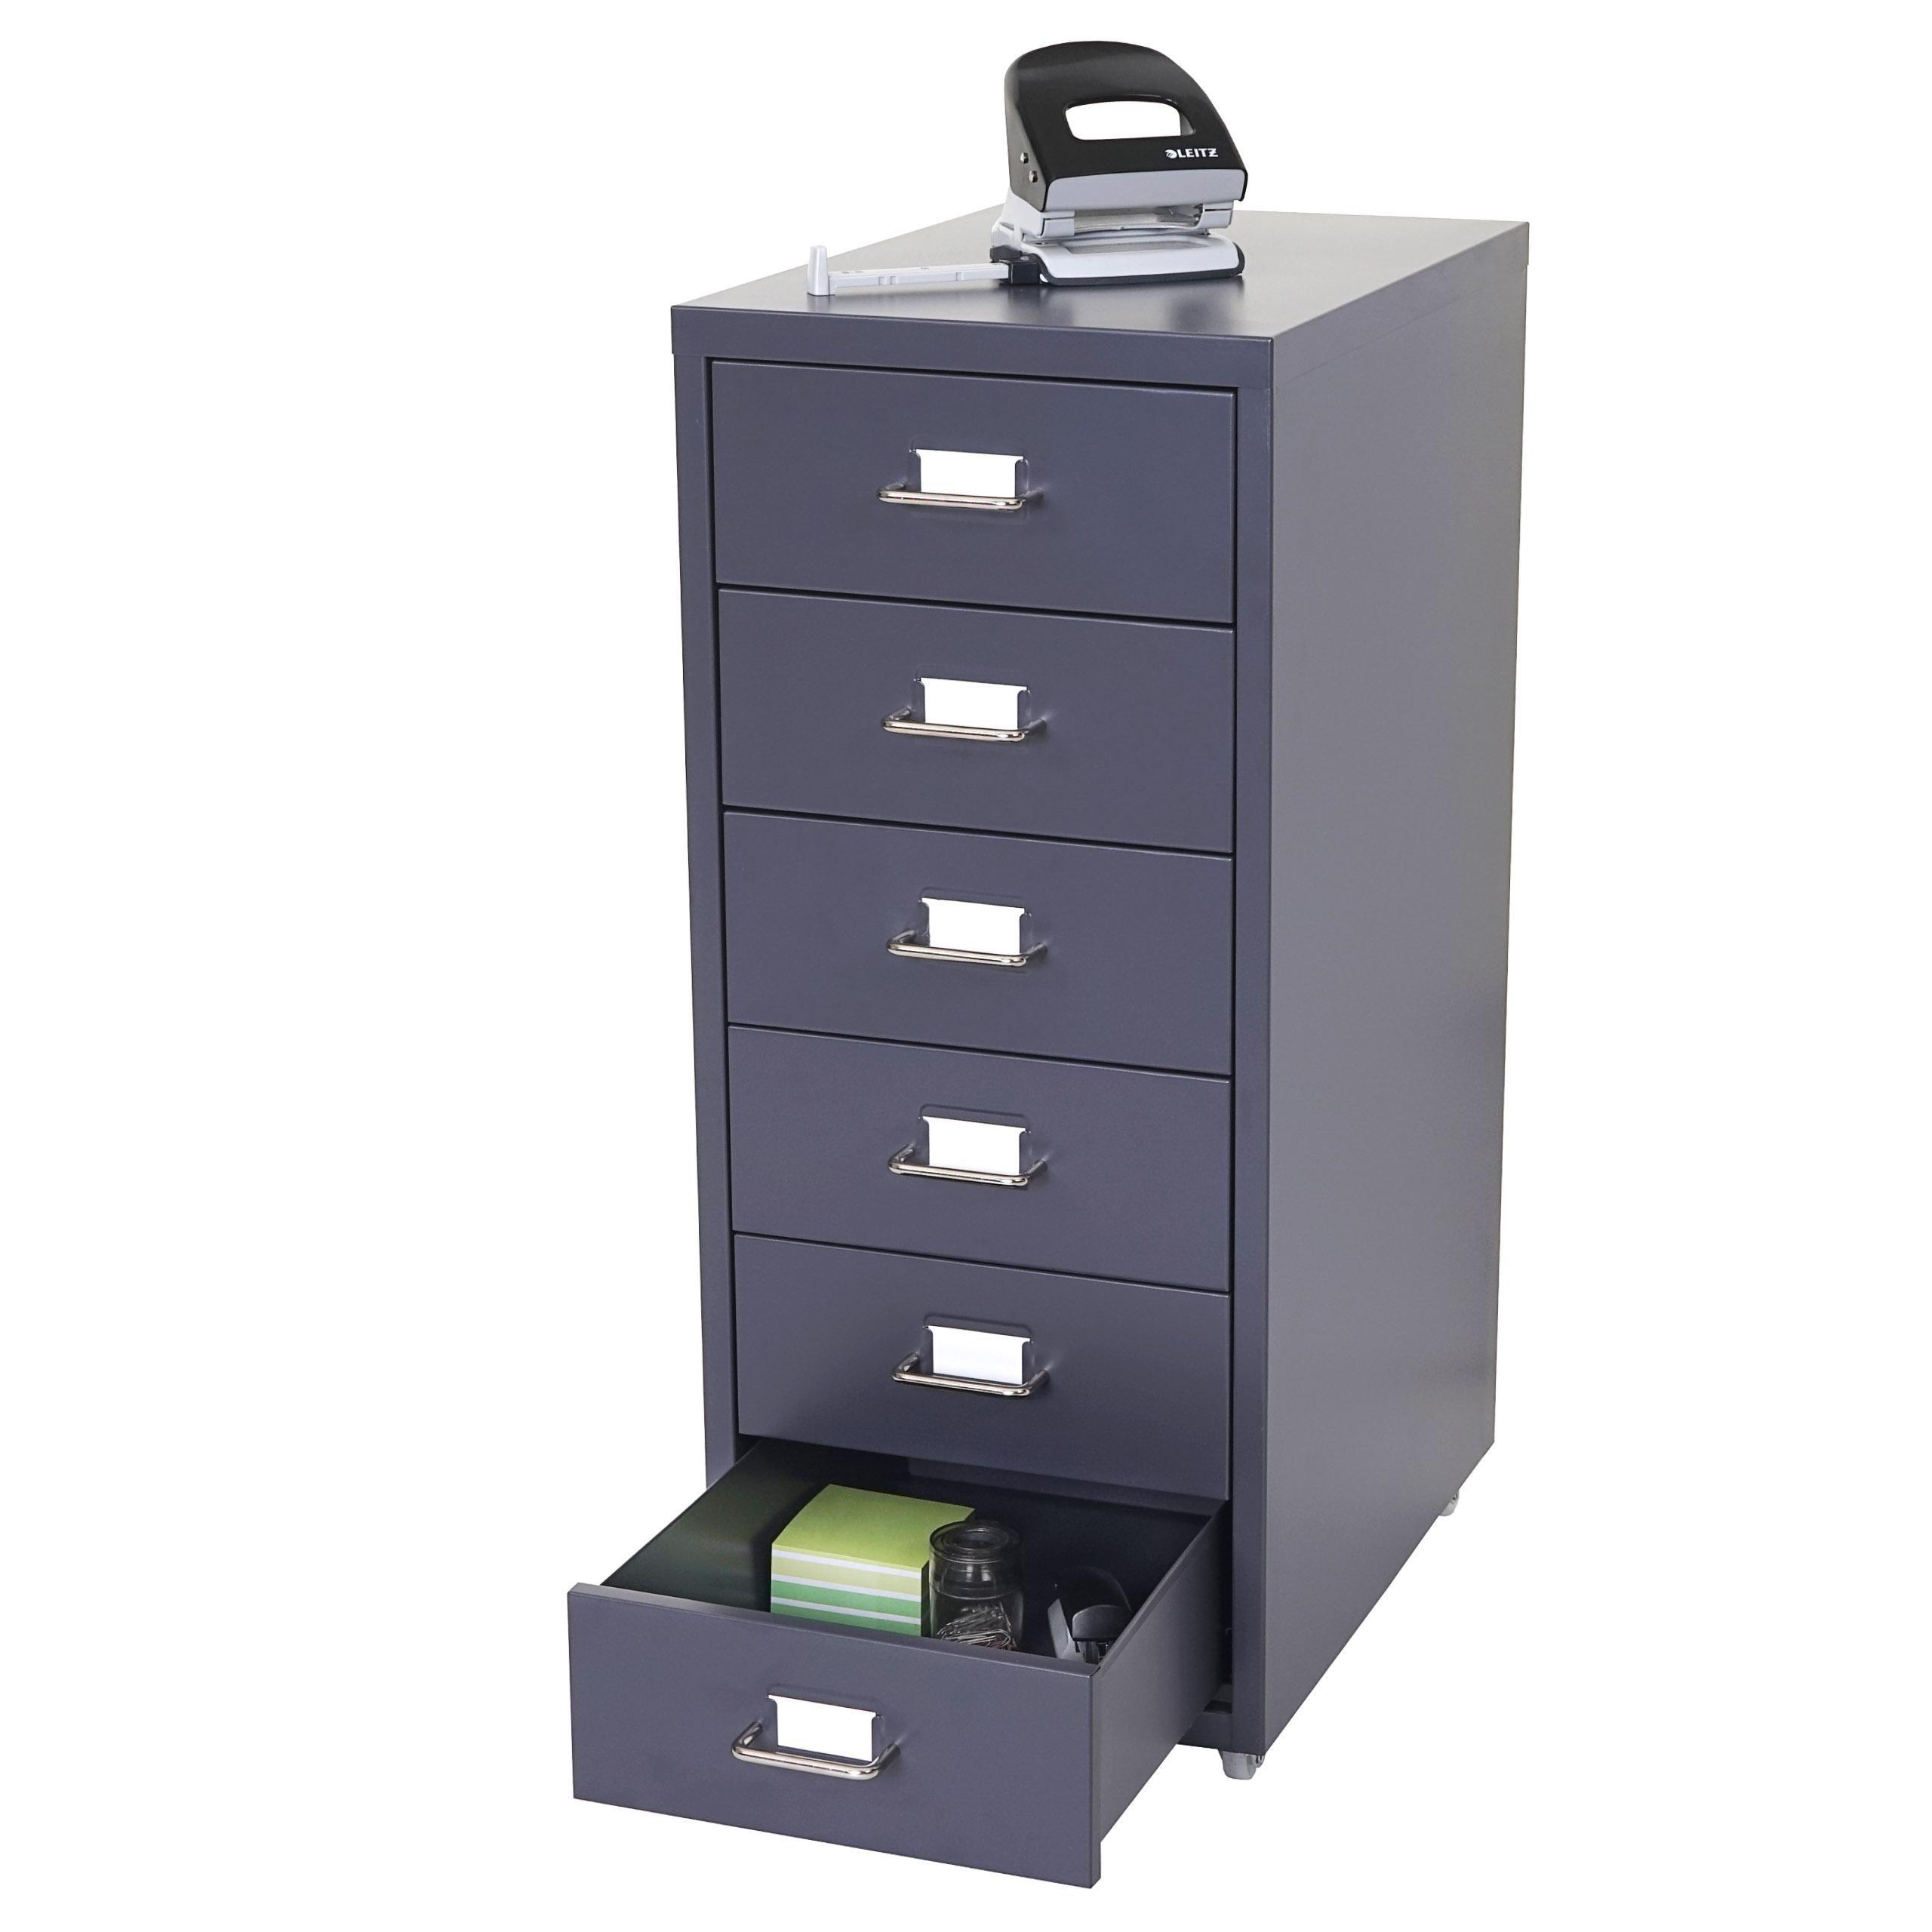 Cassettiera armadietto ufficio boston t851 ruote con 5 6 for Armadietto da ufficio